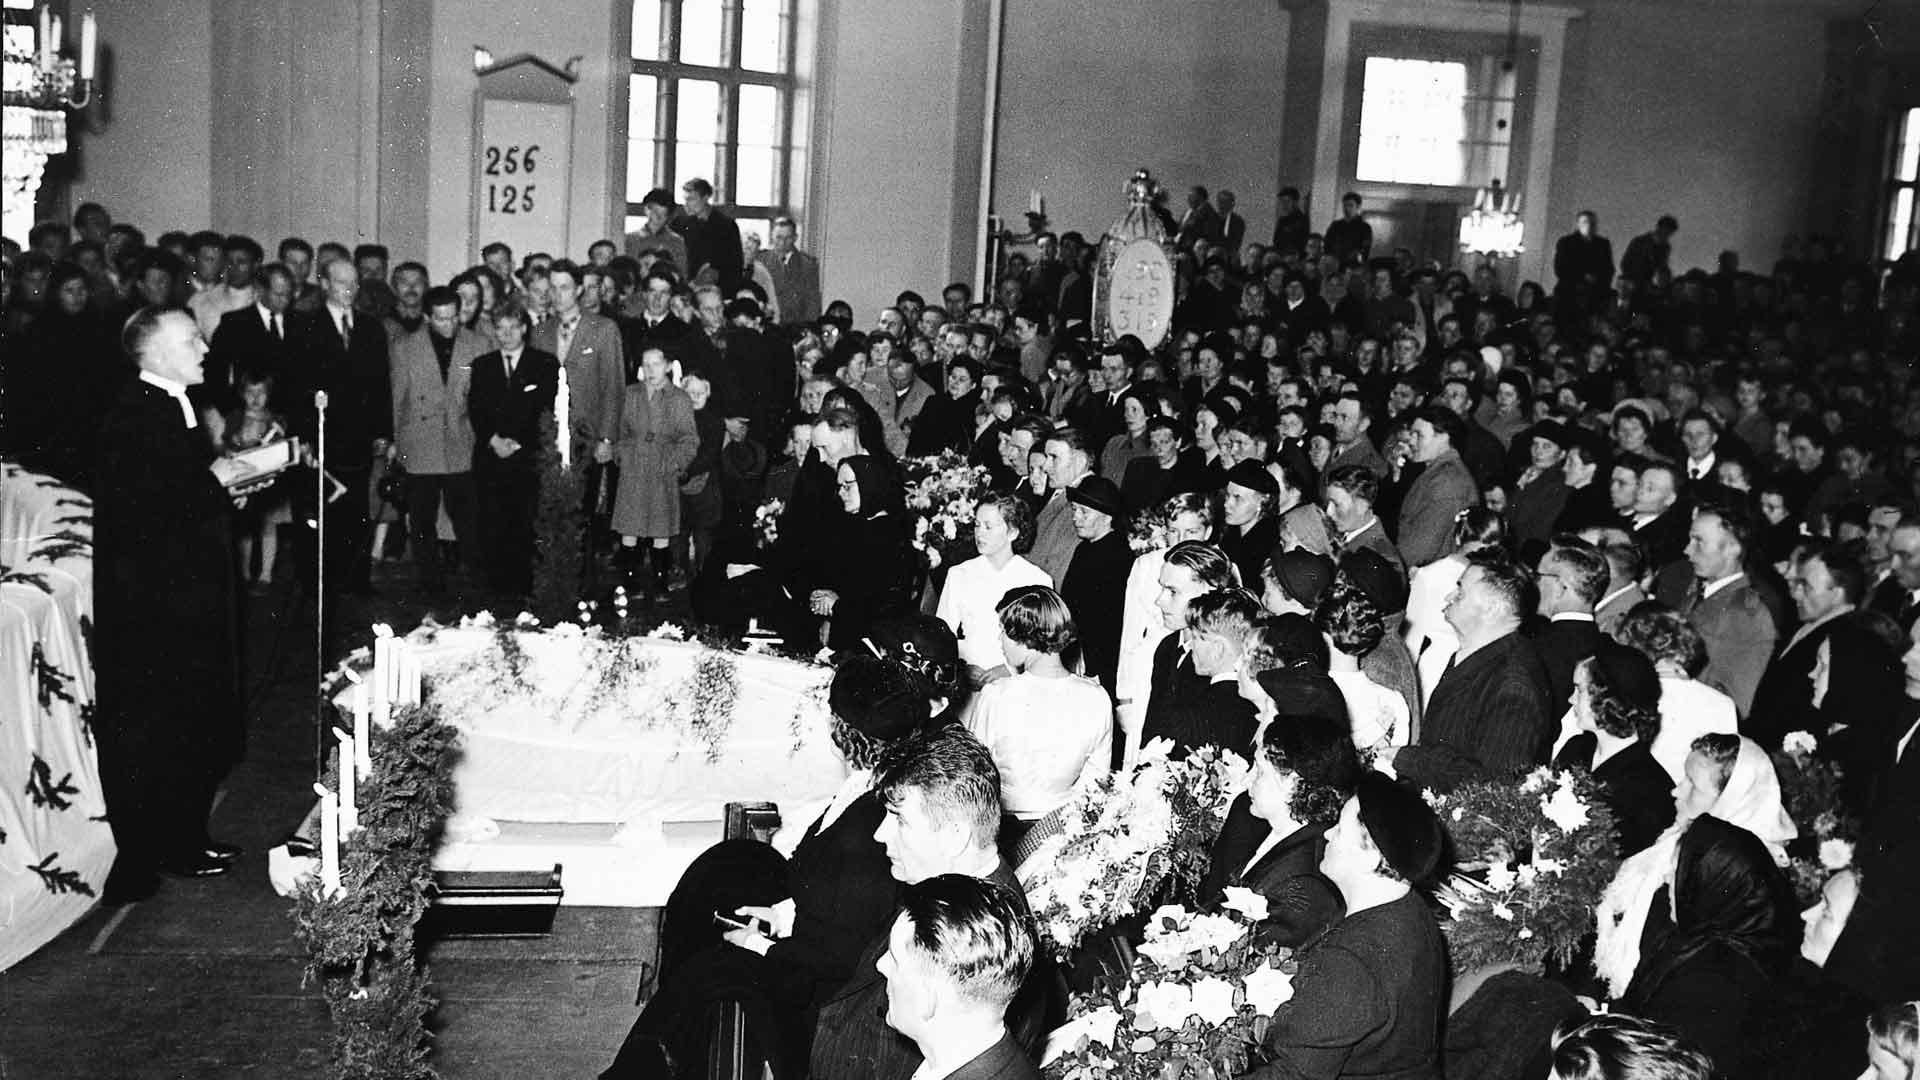 Kyllikki Saaren siunaustilaisuus järjestettiin Isojoen kirkossa. Hautajaiset herättivät suuria tunteita.